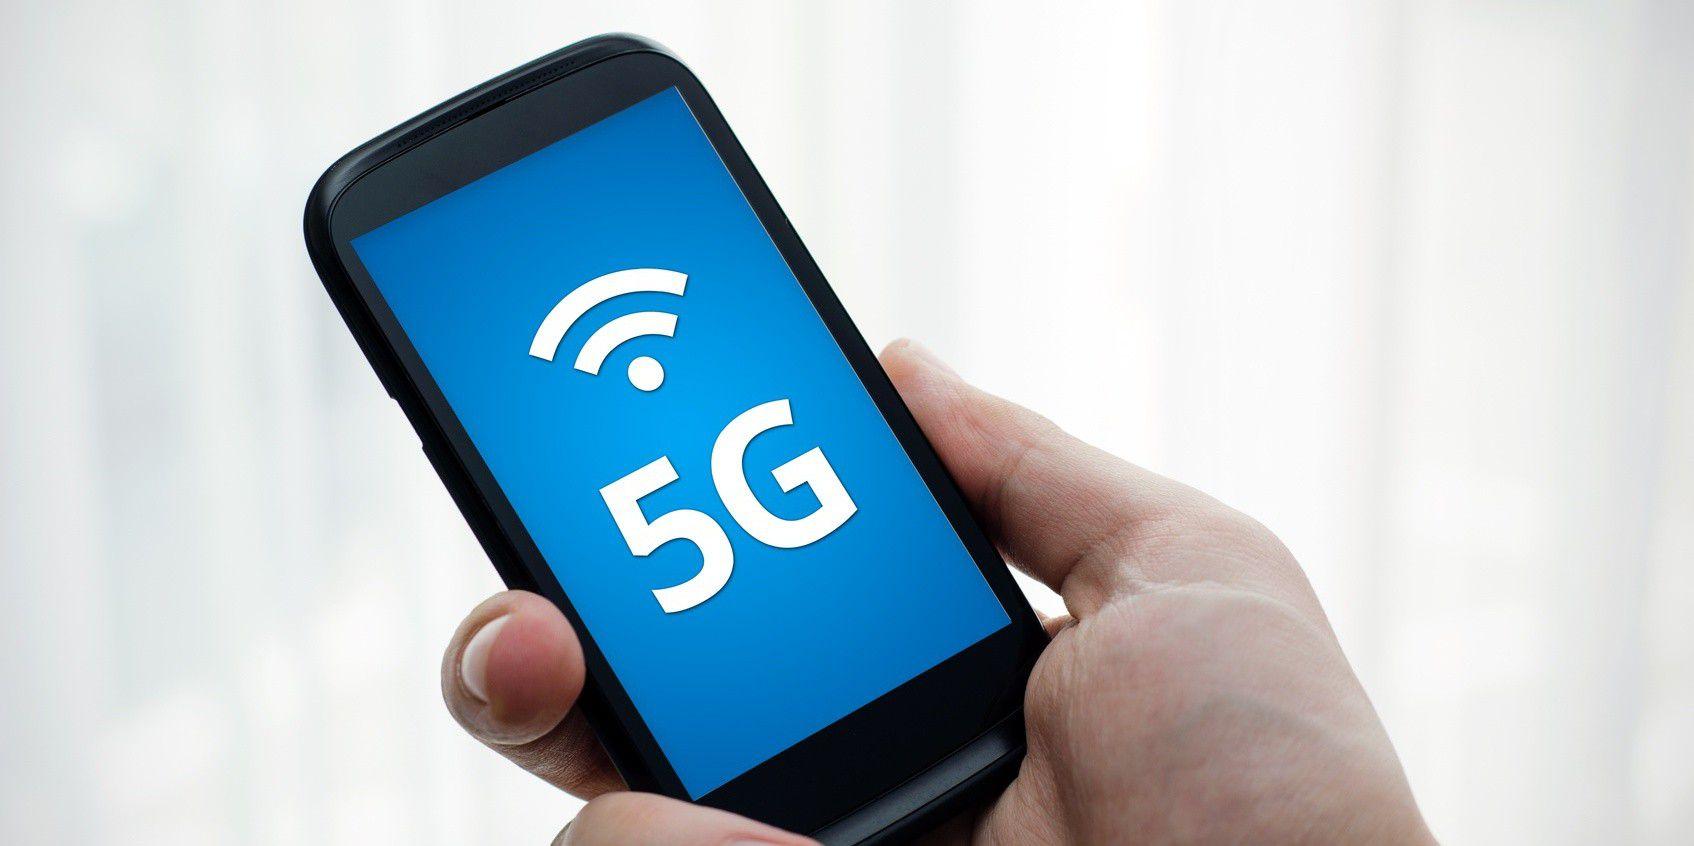 MWC 2016: 5G kommt früher als erwartet - PC-WELT